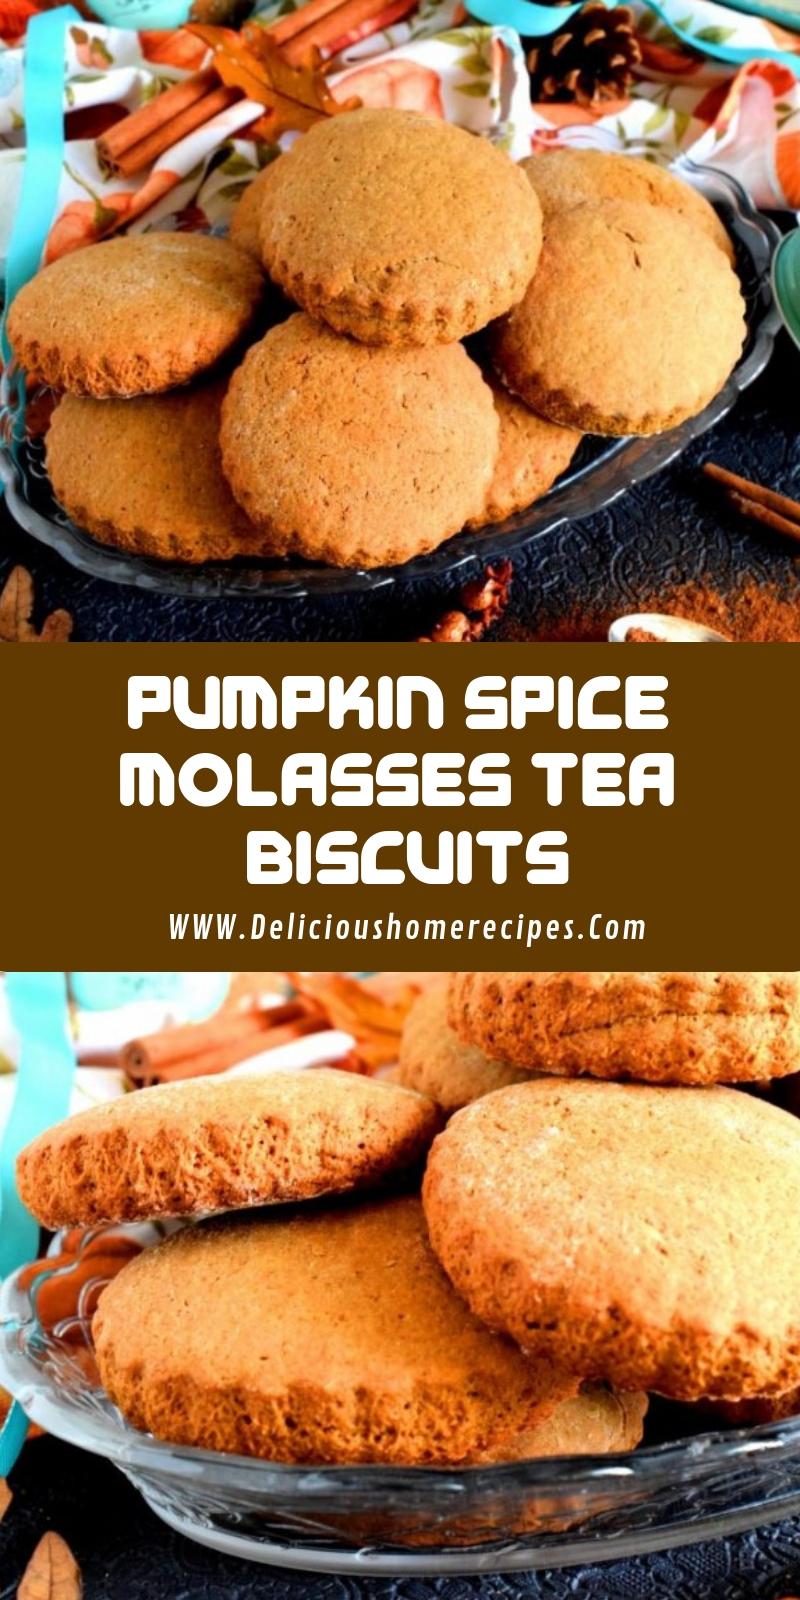 Pumpkin Spice Molasses Tea Biscuits